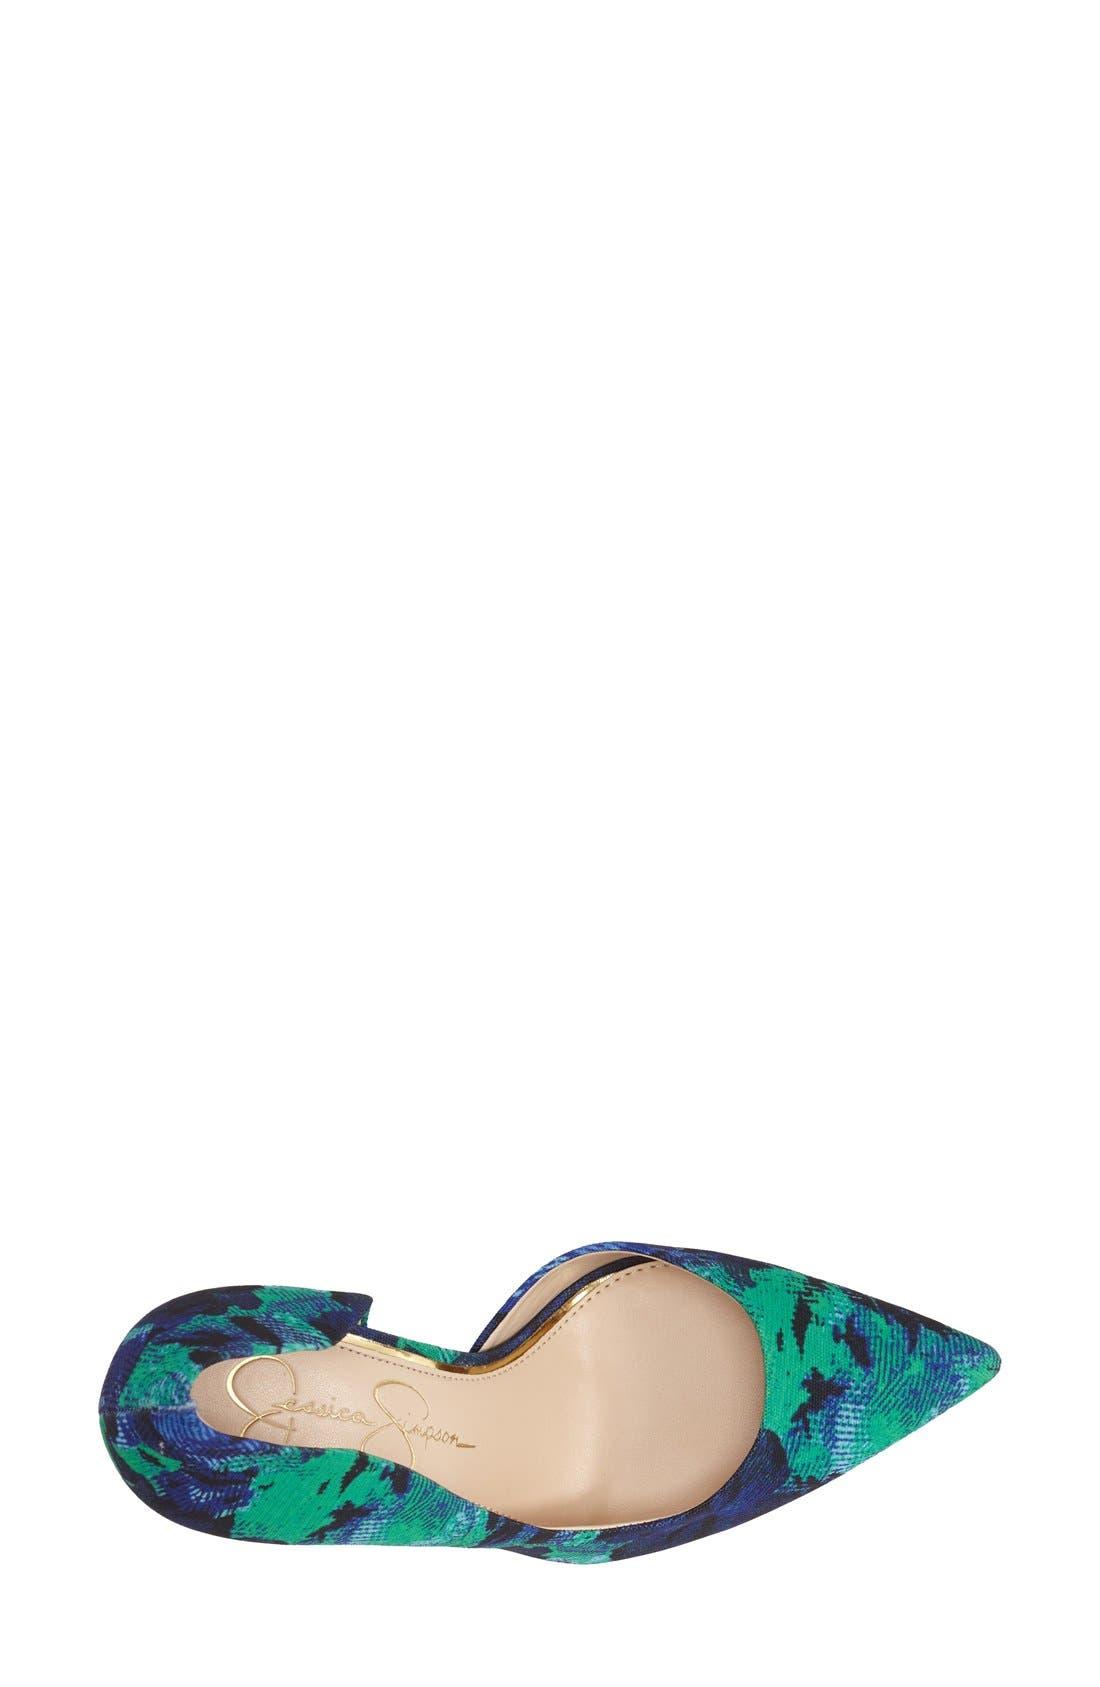 ,                             'Claudette' Half d'Orsay Pump,                             Alternate thumbnail 177, color,                             410